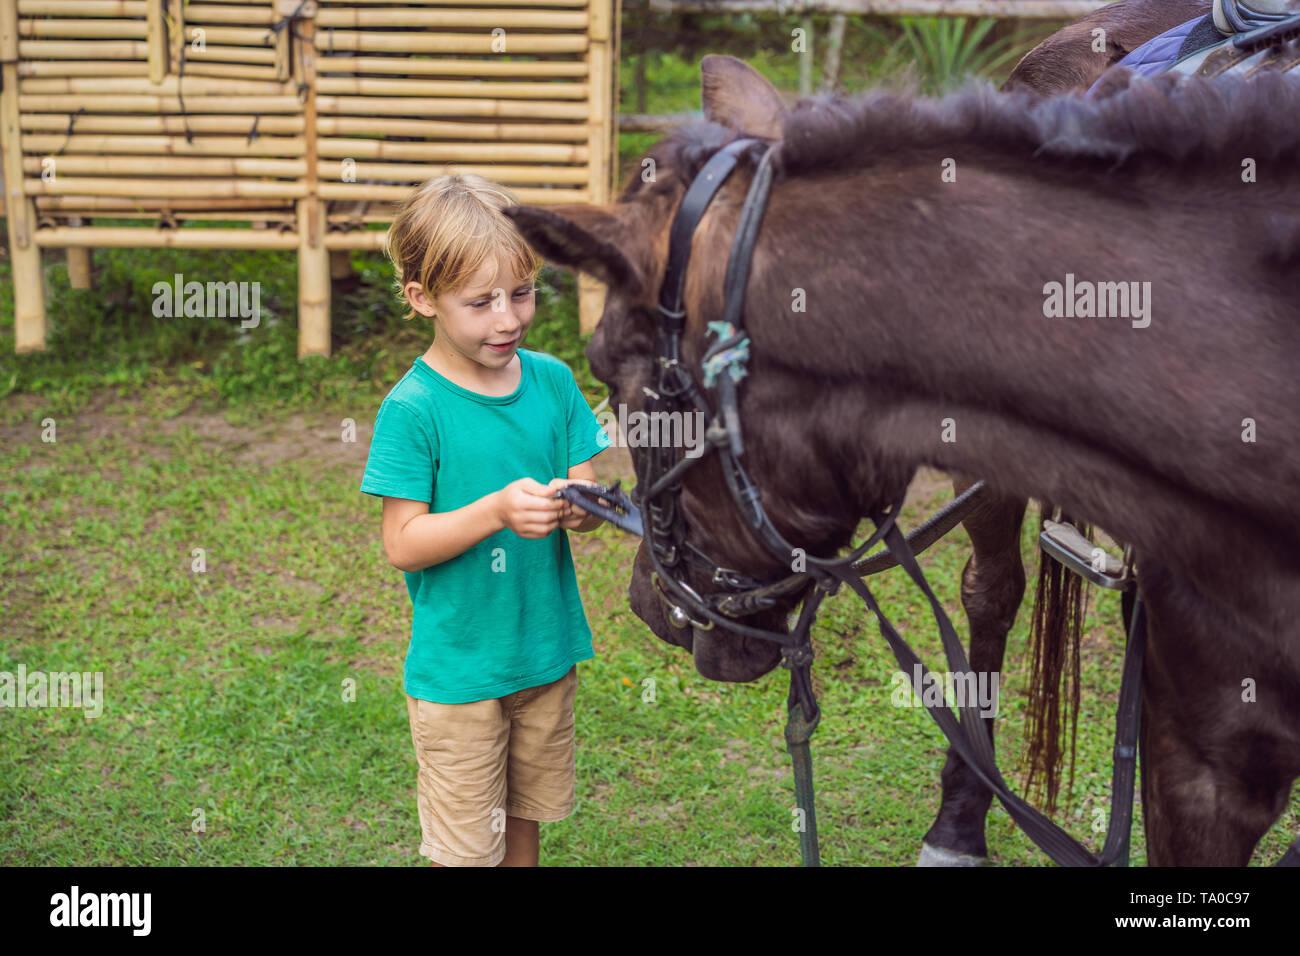 Boy Horseback Riding Performing Exercises On Horseback Stock Photo Alamy